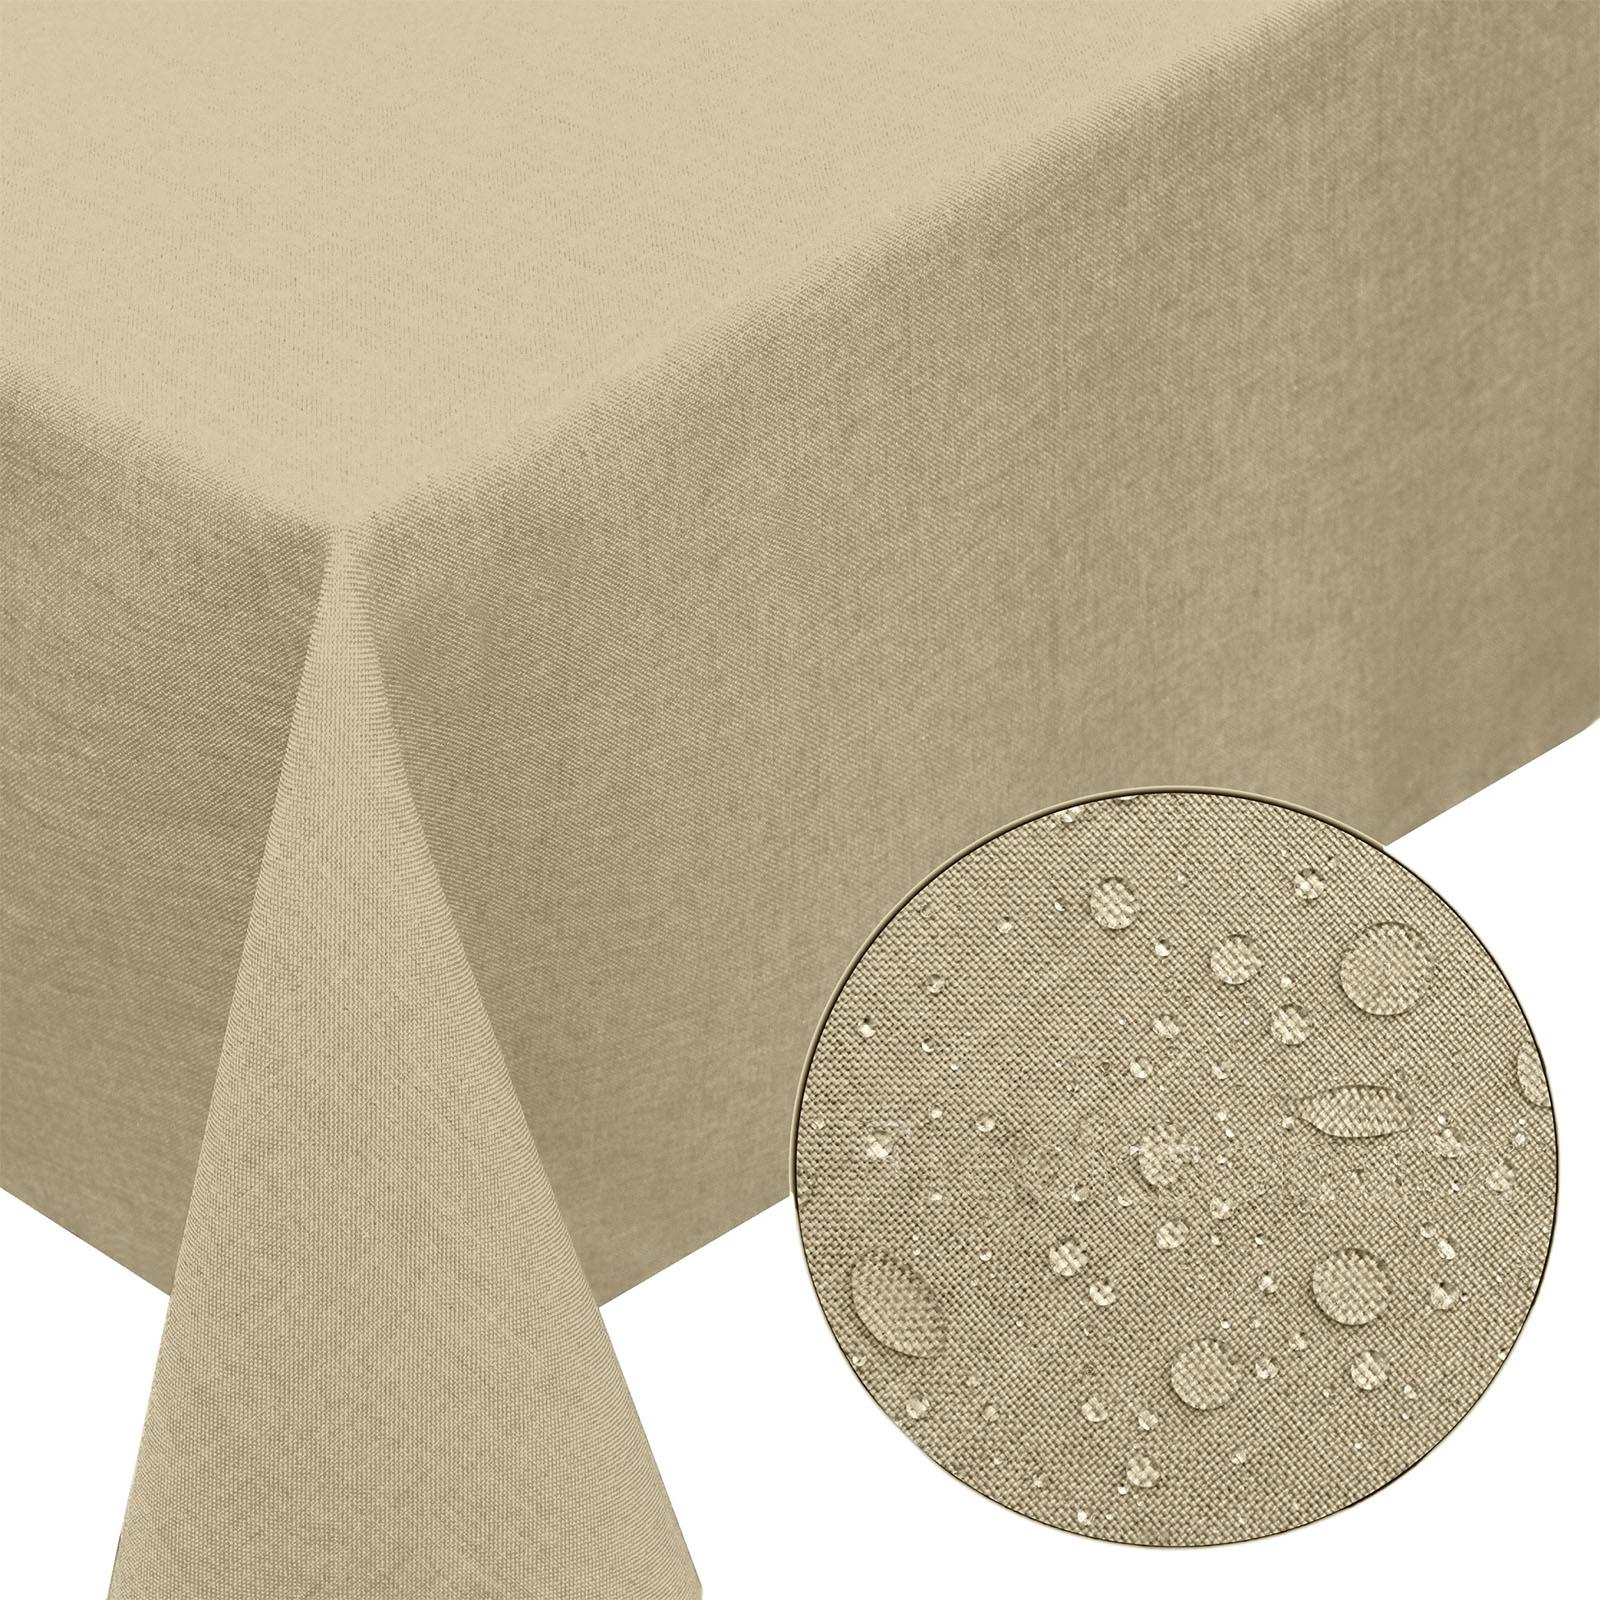 gartentischdecke leinen optik fleckschutz abwaschbar lotus eckig rund oval ebay. Black Bedroom Furniture Sets. Home Design Ideas